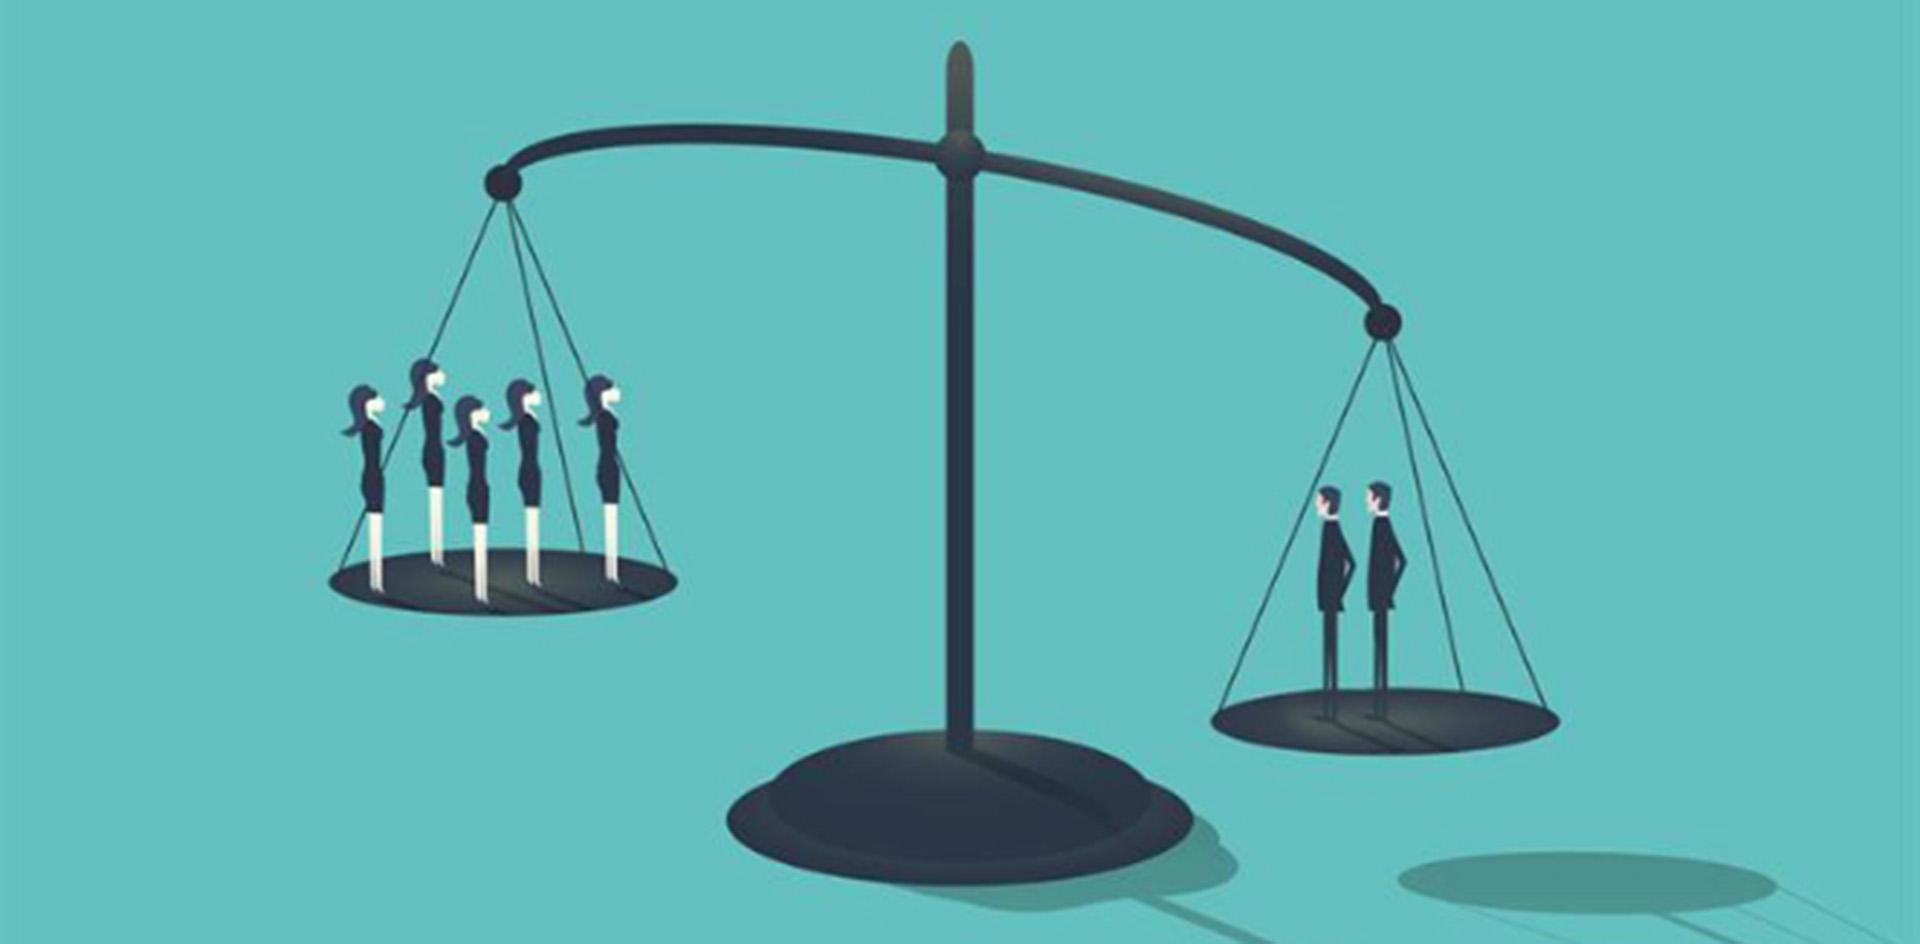 Las mujeres son mayoría en la UNC, pero no en los cargos directivos ni académicos más altos